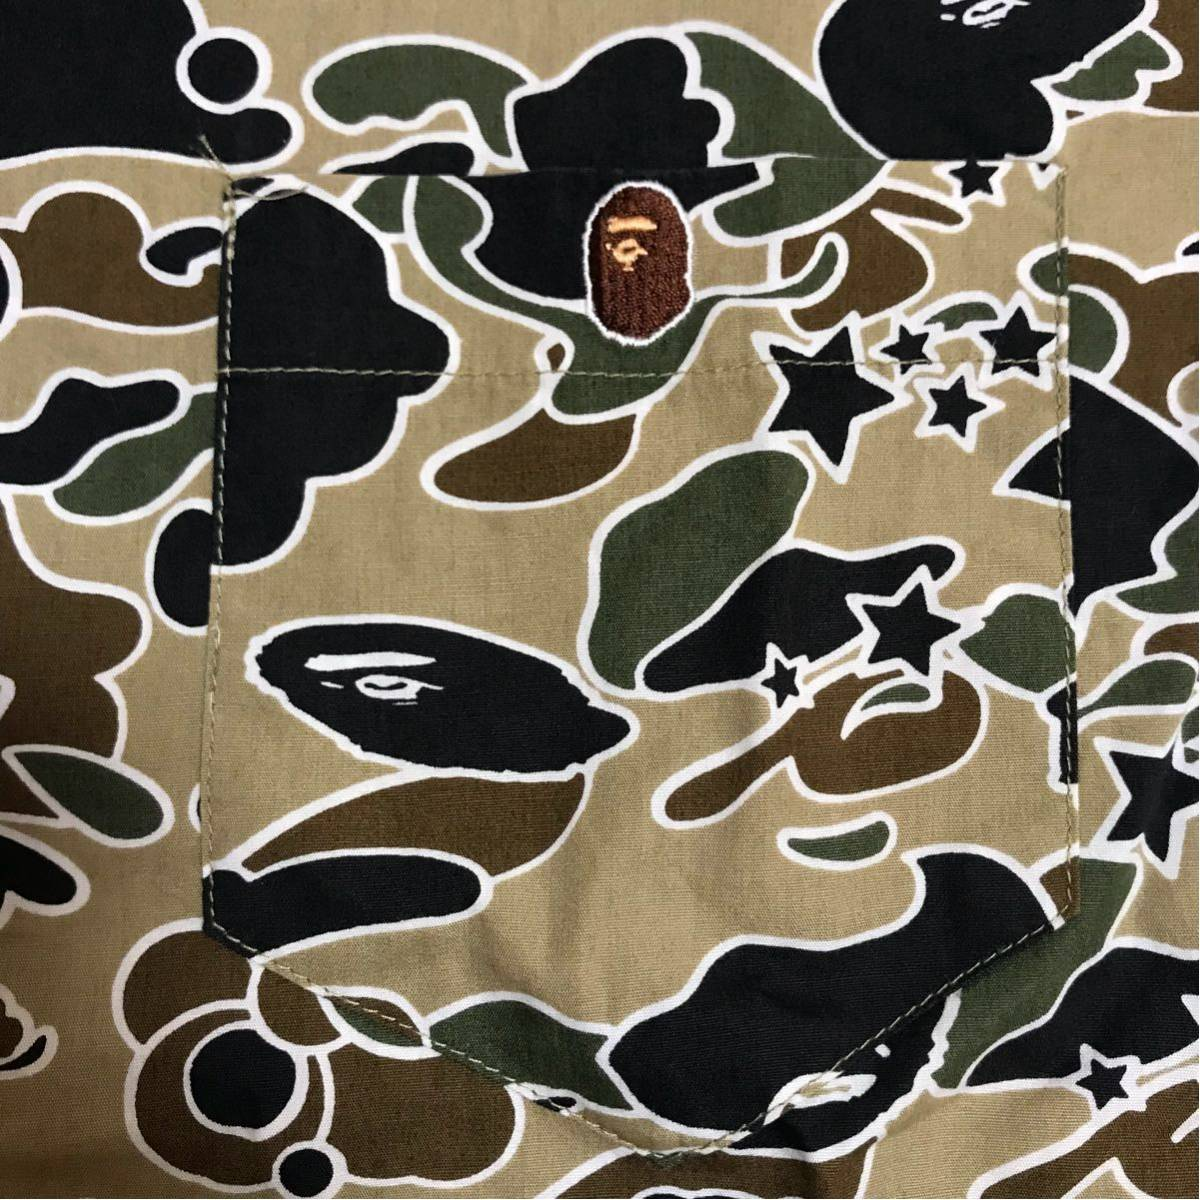 ★美品★ sta camo BD長袖シャツ a bathing ape bape エイプ ベイプ アベイシングエイプ psyche サイケ カモフラ 迷彩 裏原宿 NOWHERE